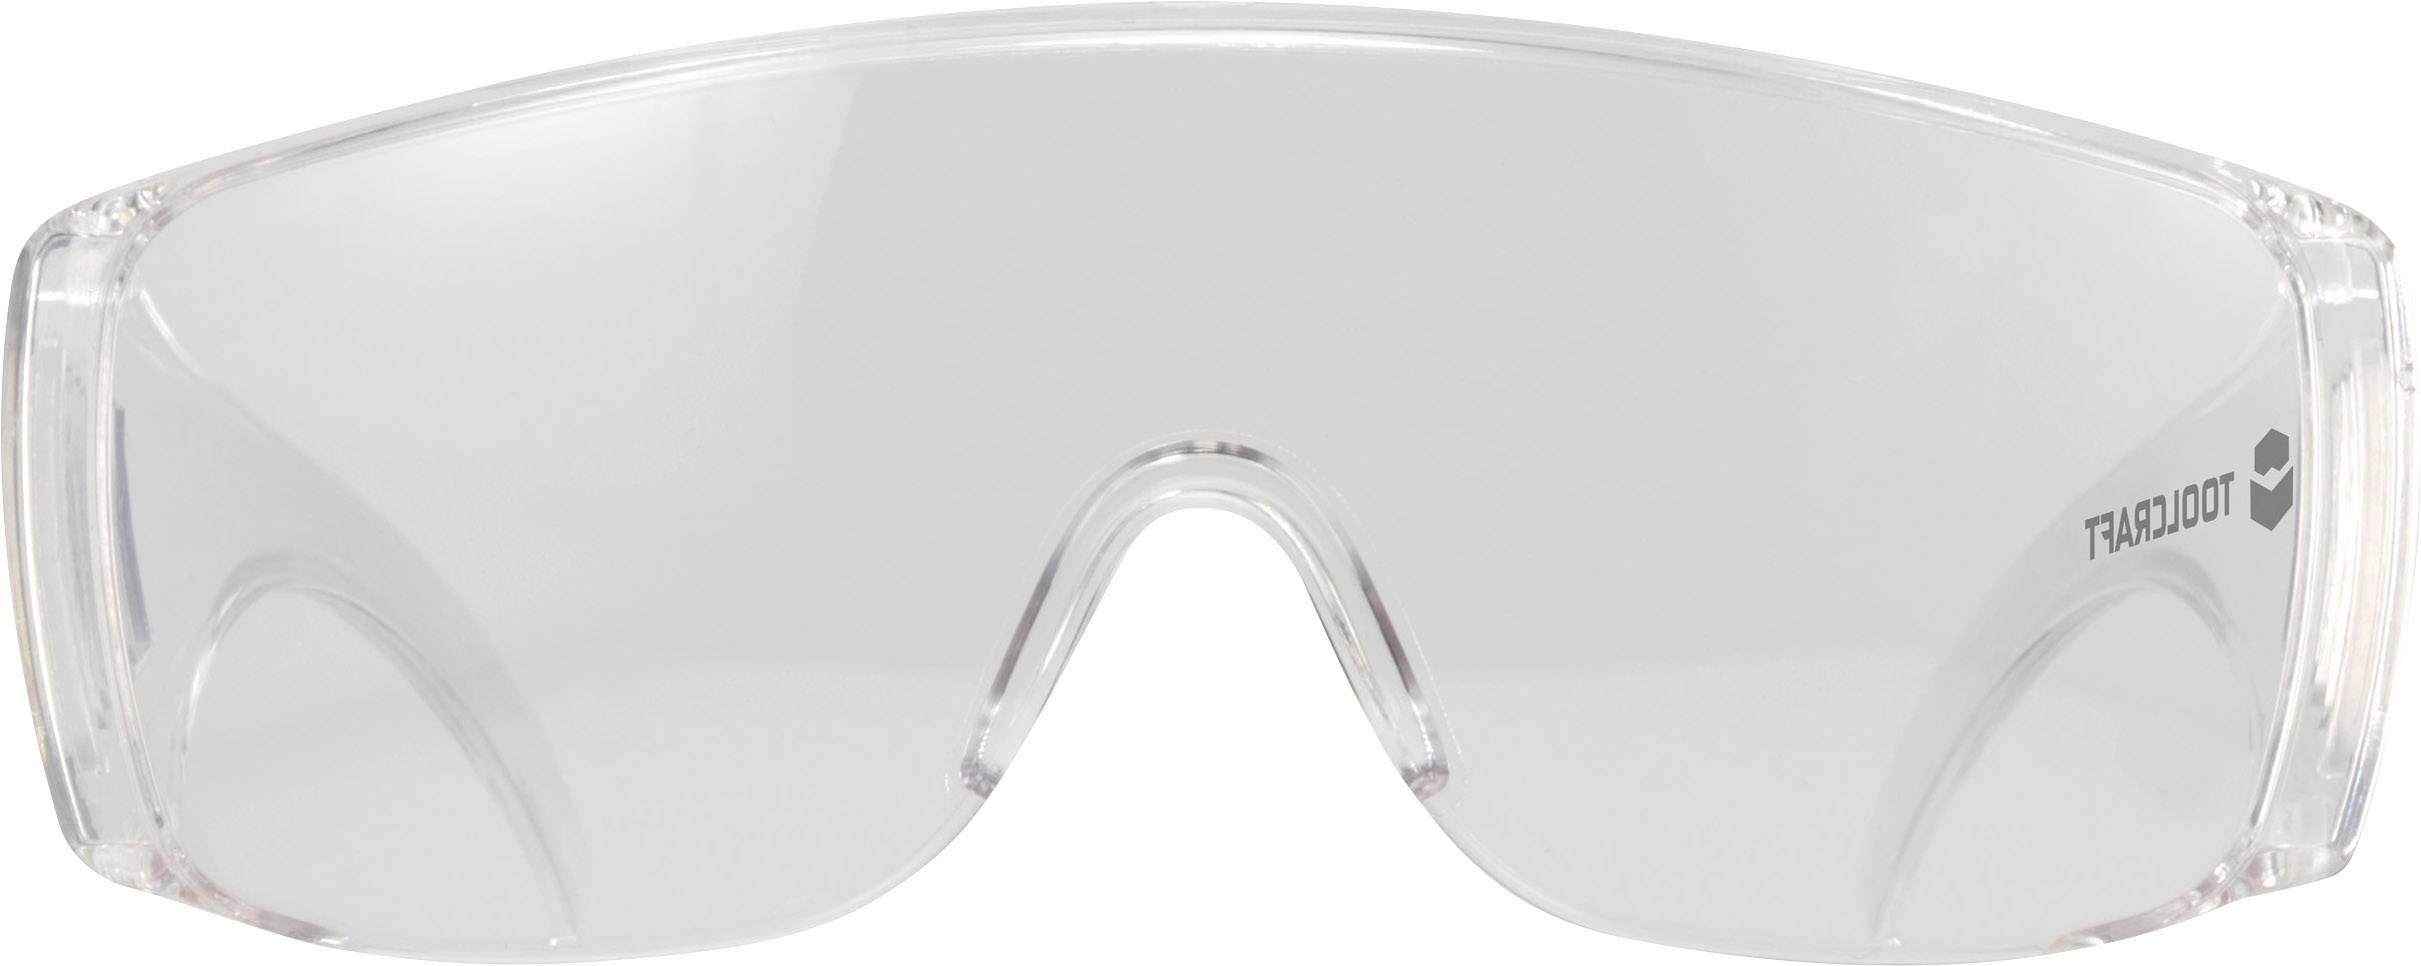 Ochranné okuliare TOOLCRAFT, polykarbonát, EN 166